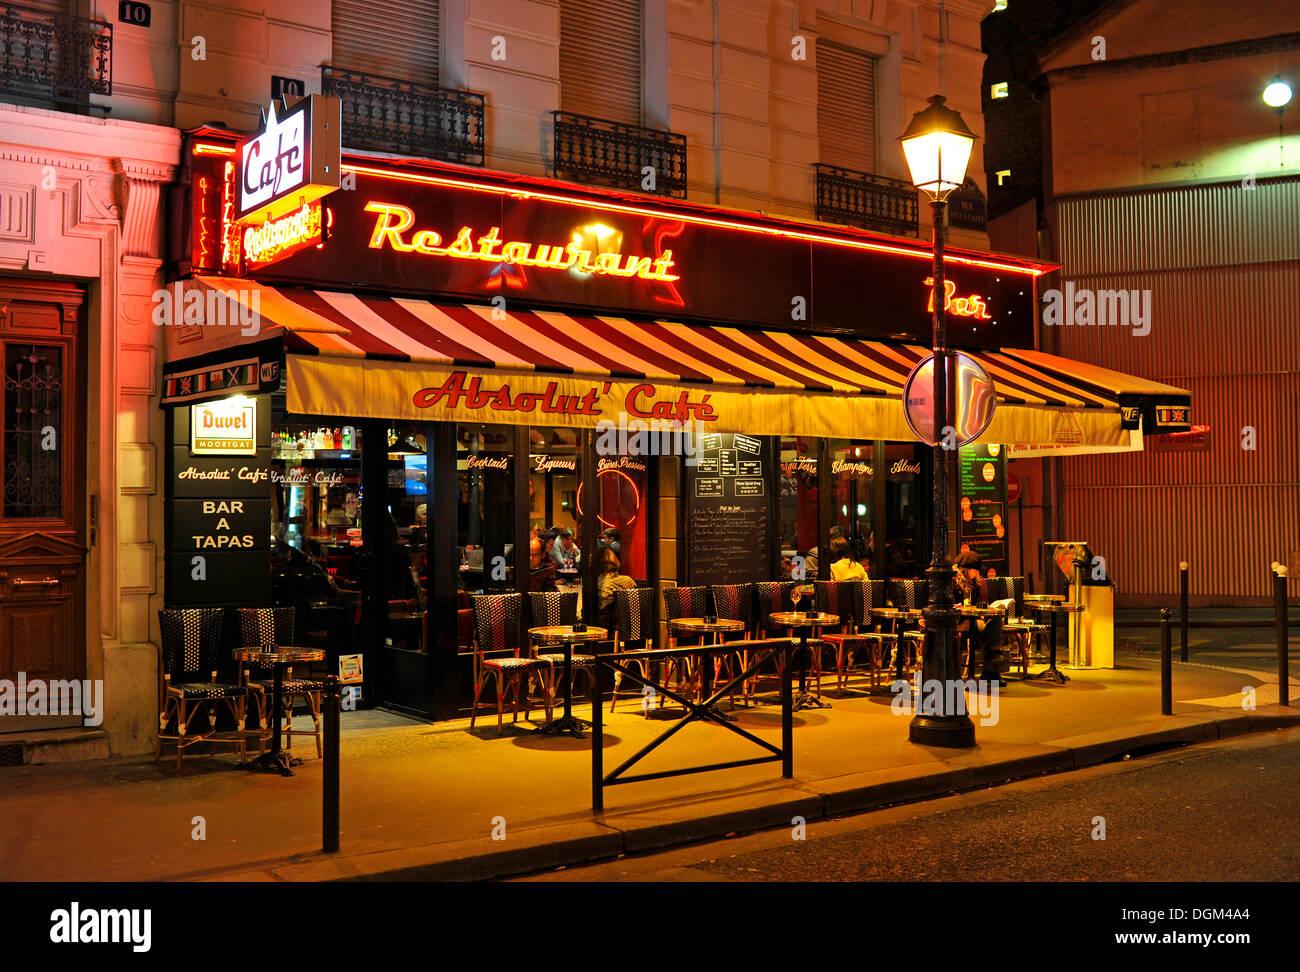 Restaurant Quartier Grands Boulevards